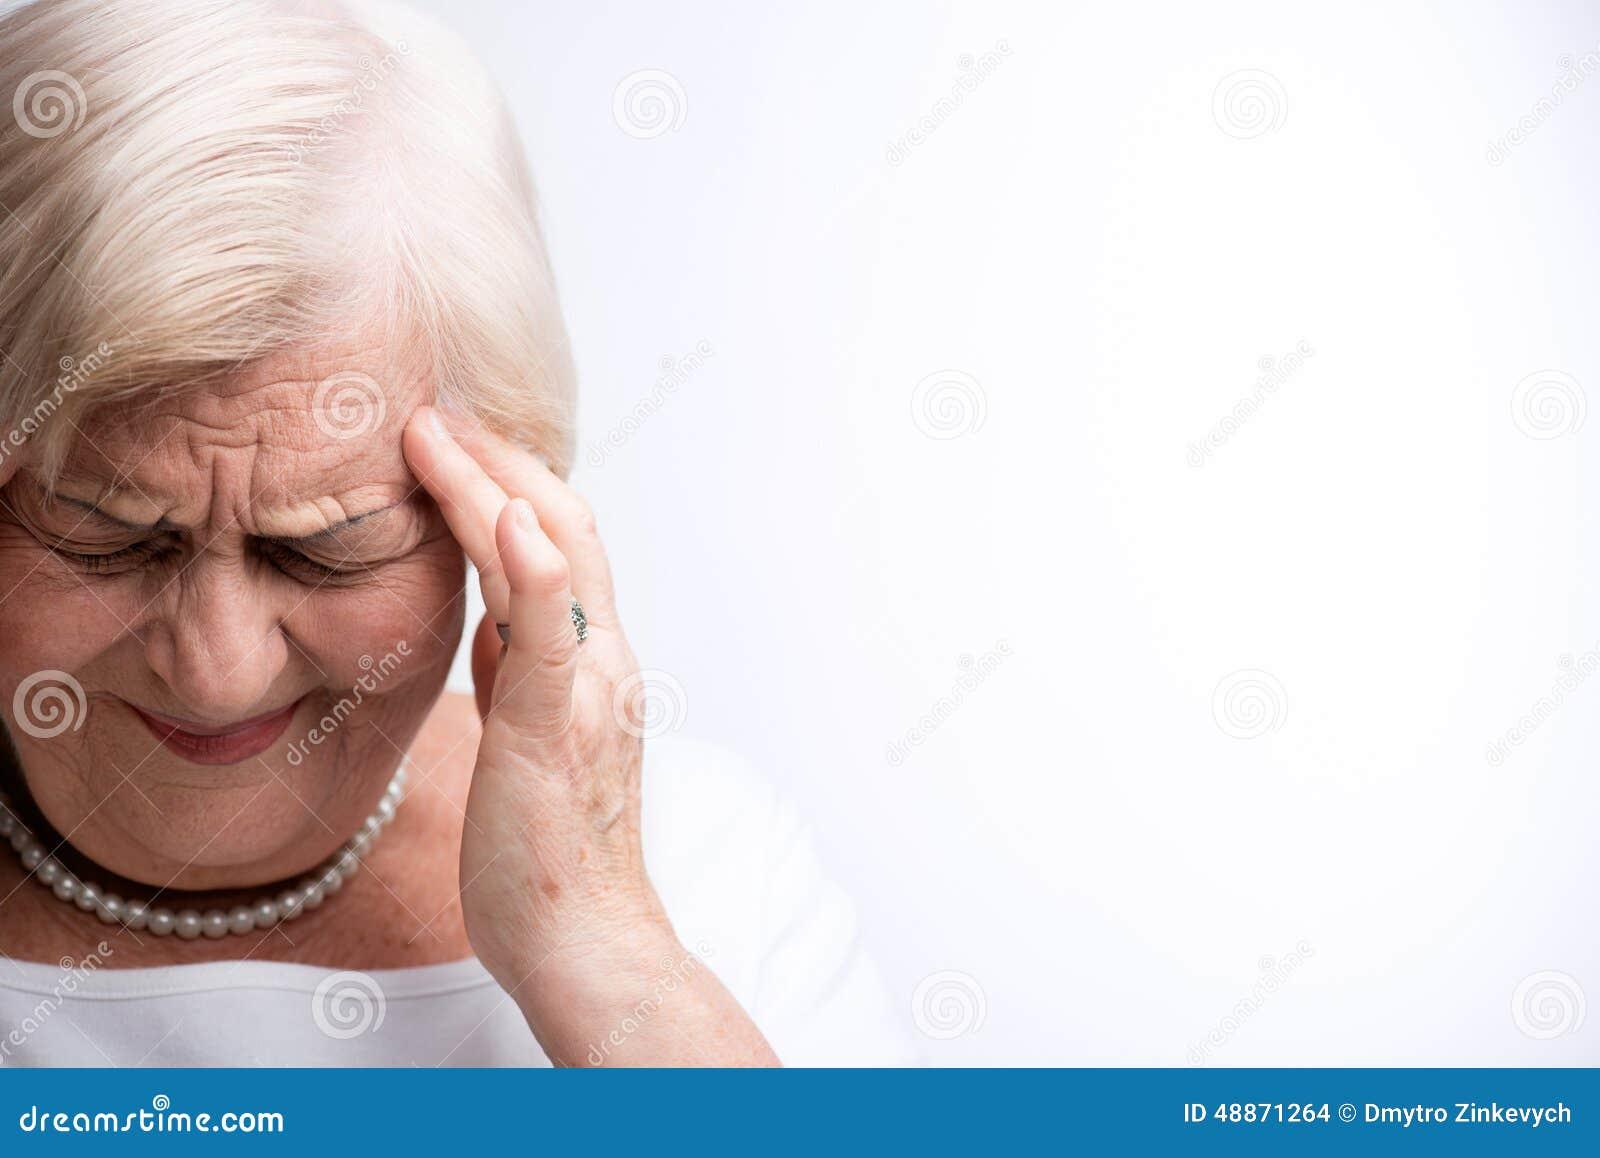 Dame pluse âgé touchant sa tête avec des doigts